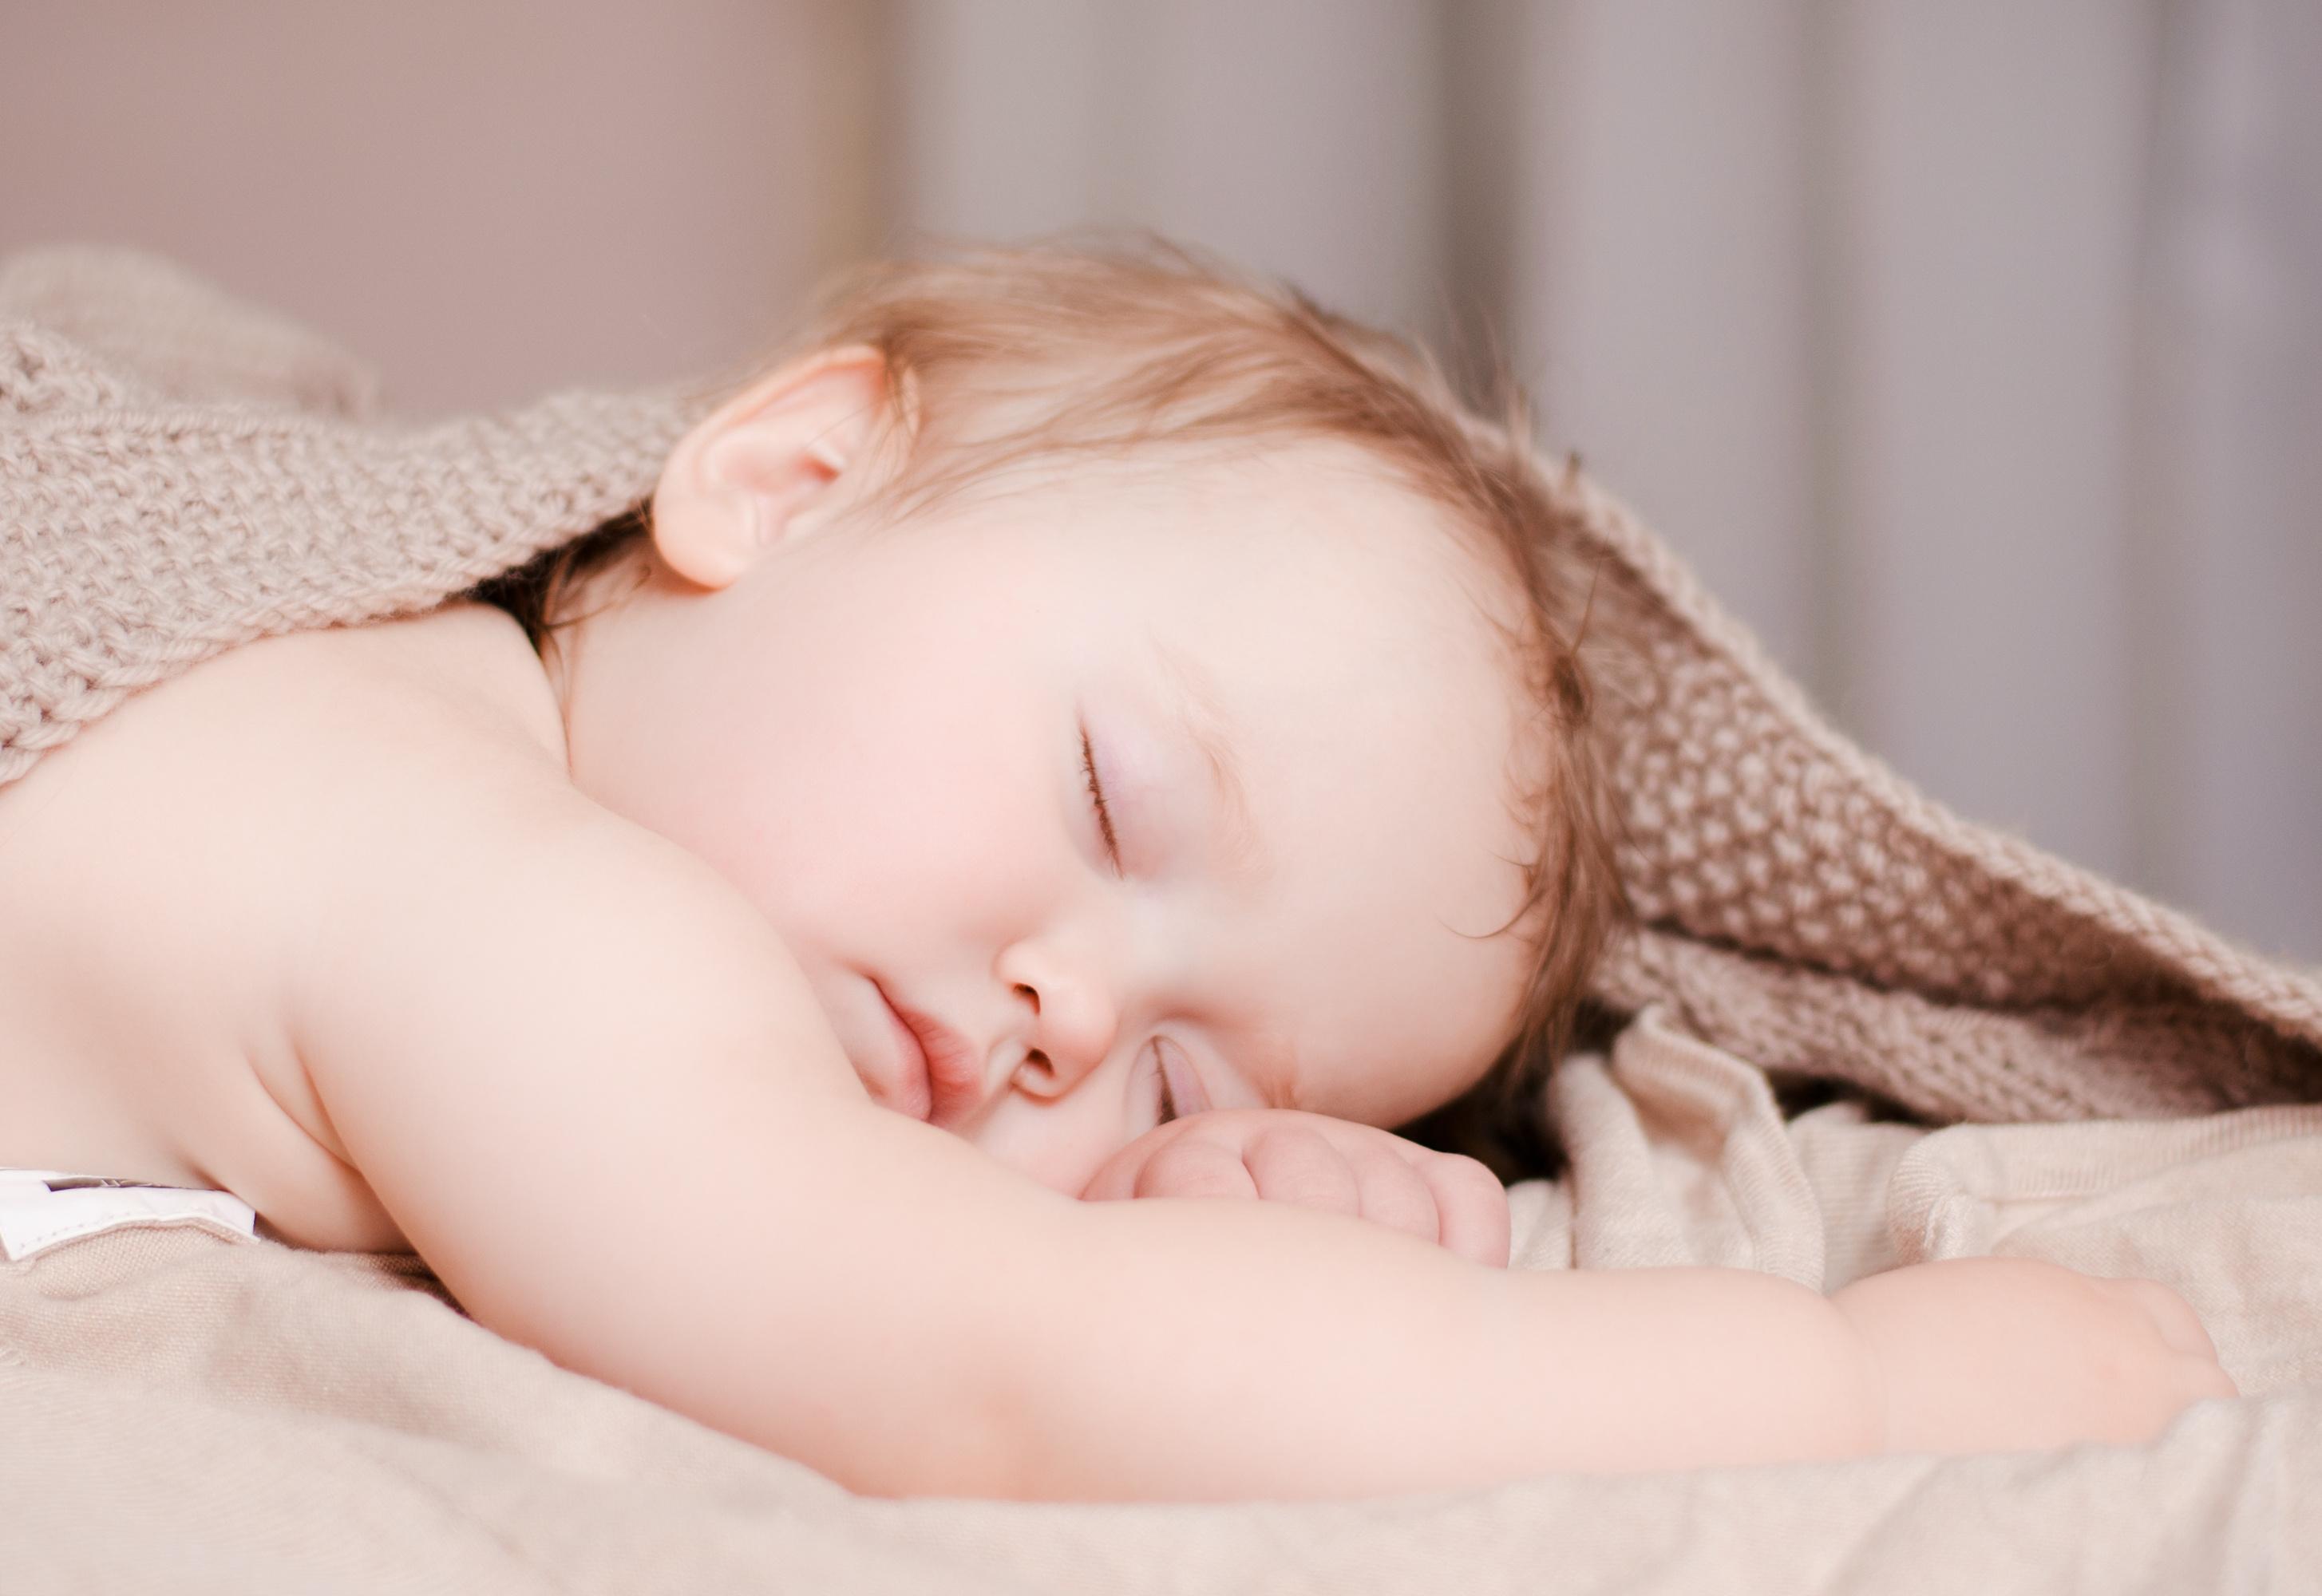 酵素能改善睡眠状态吗?